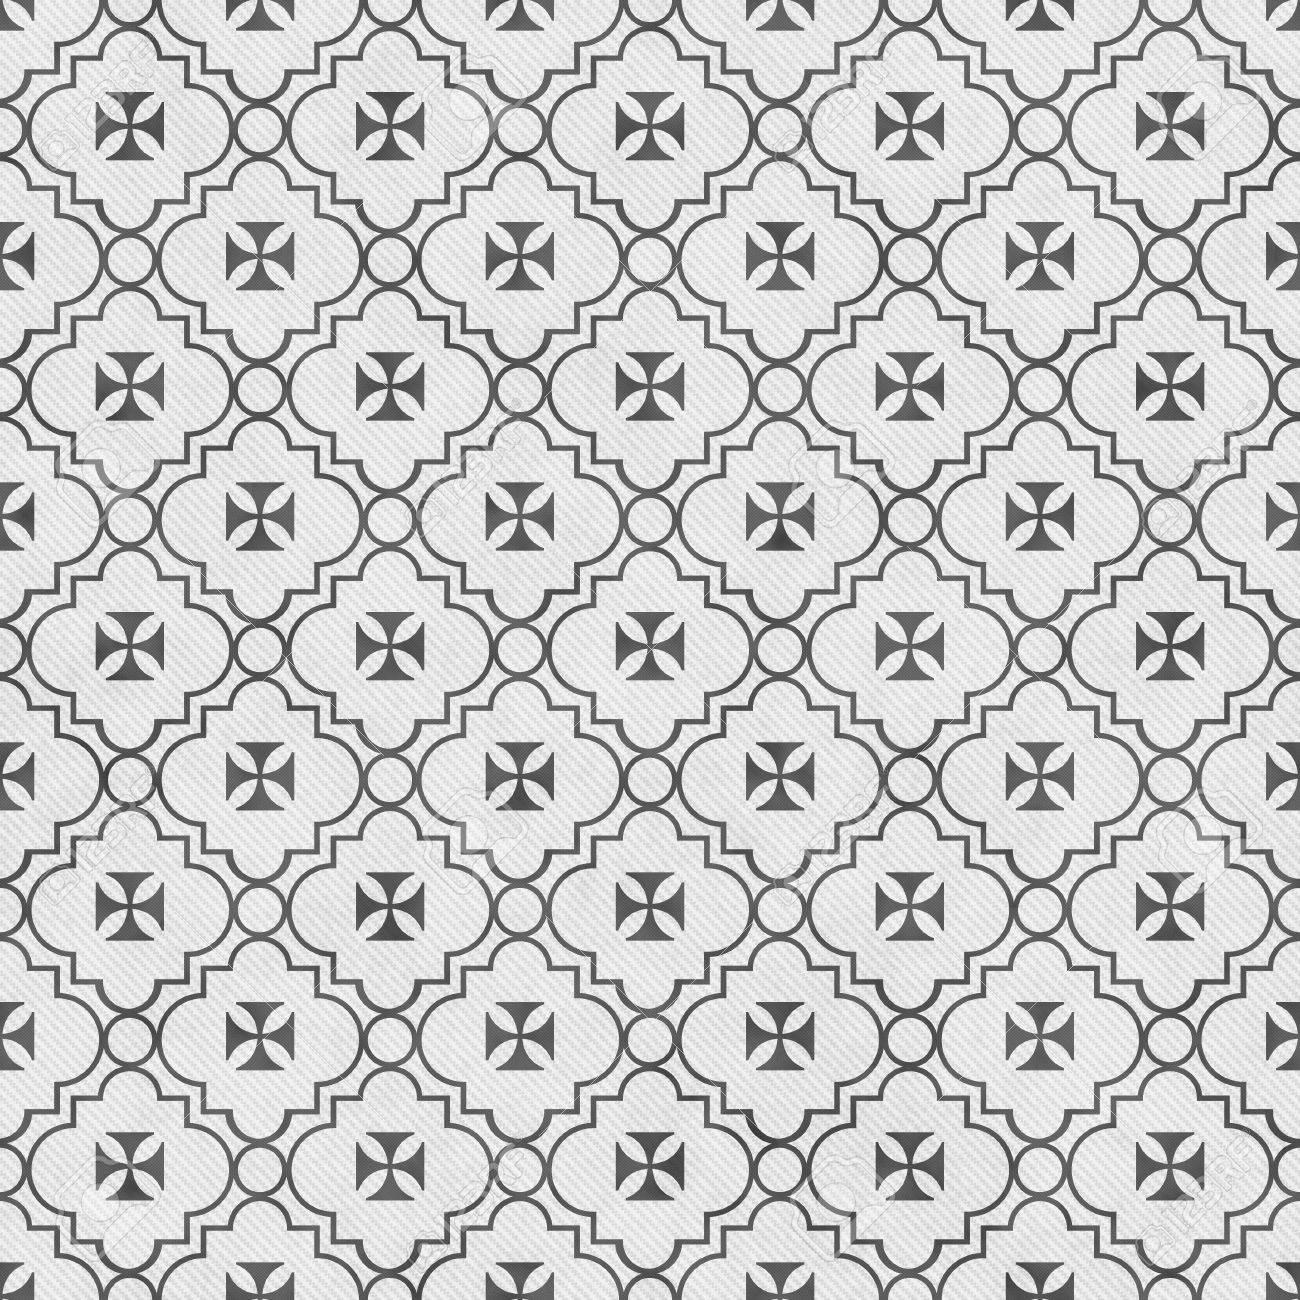 Grau Und Weiss Malteserkreuz Symbol Fliesen Muster Wiederholen